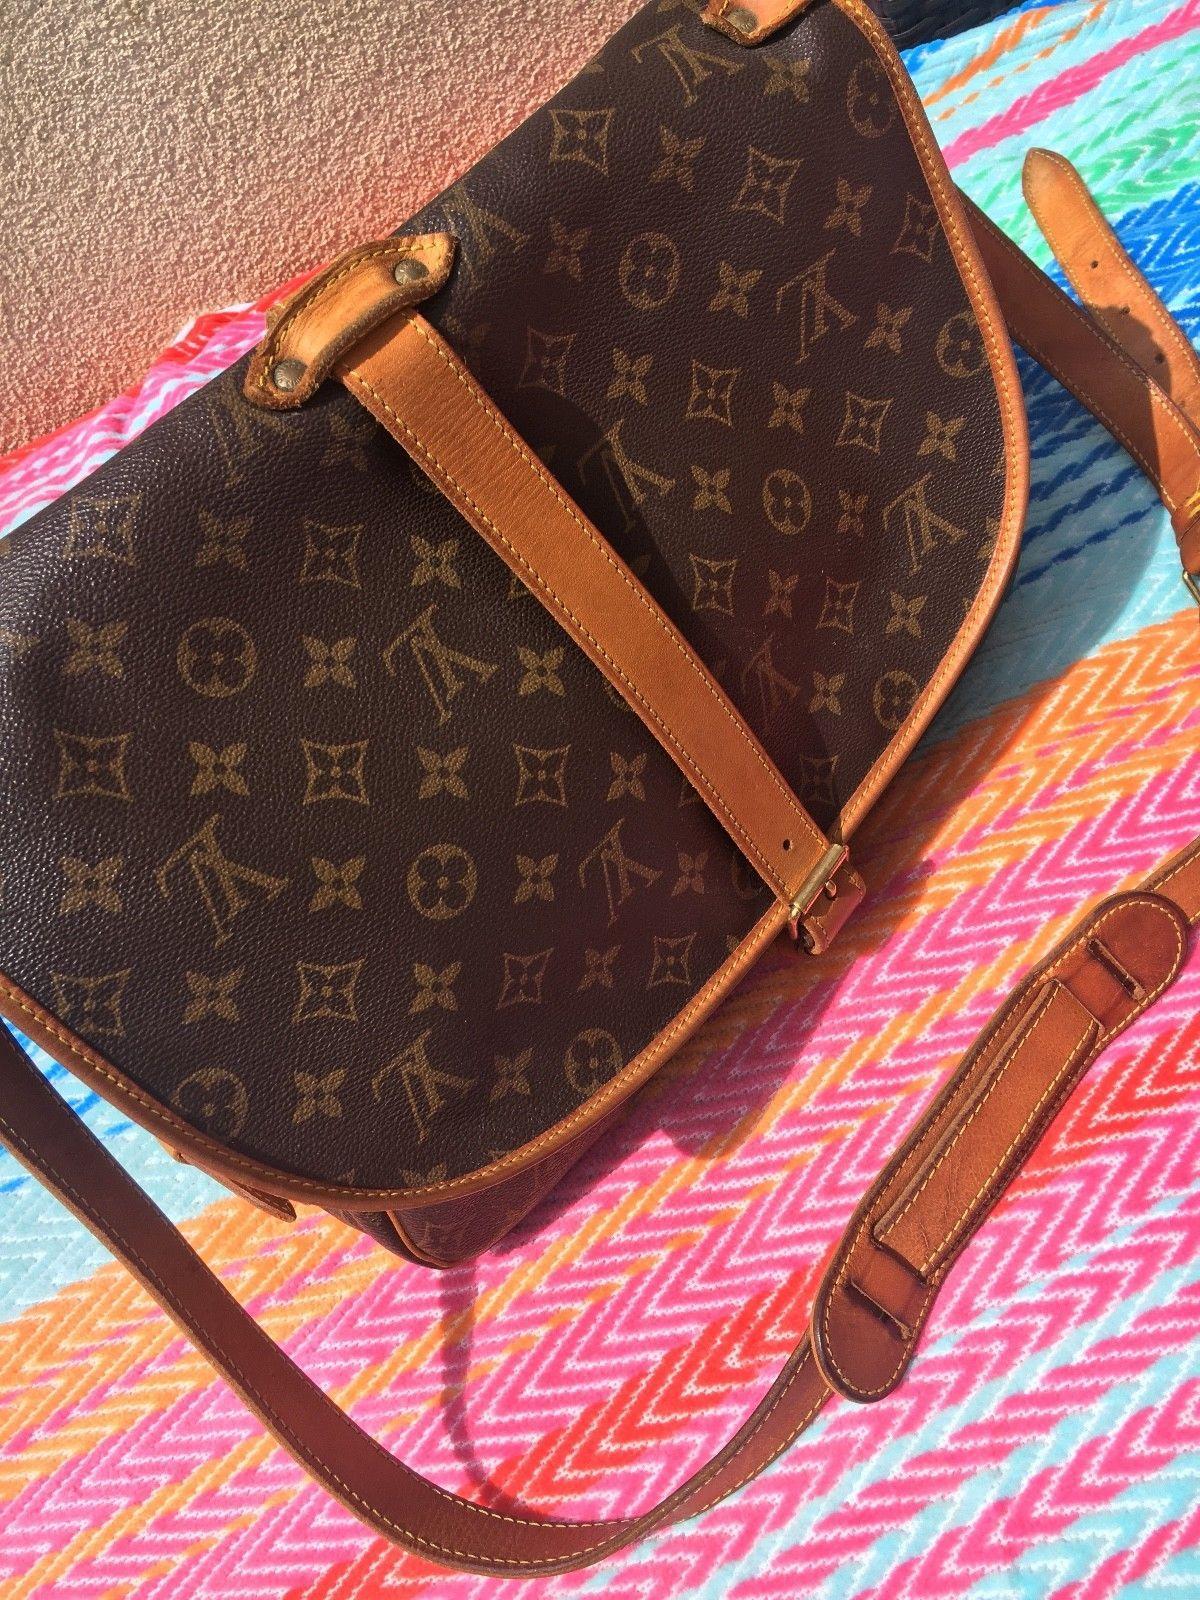 ac0cec0bf92 Authentic Louis Vuitton Saumur 35 Vintage Travel Crossbody Messenger Saddle  Bag